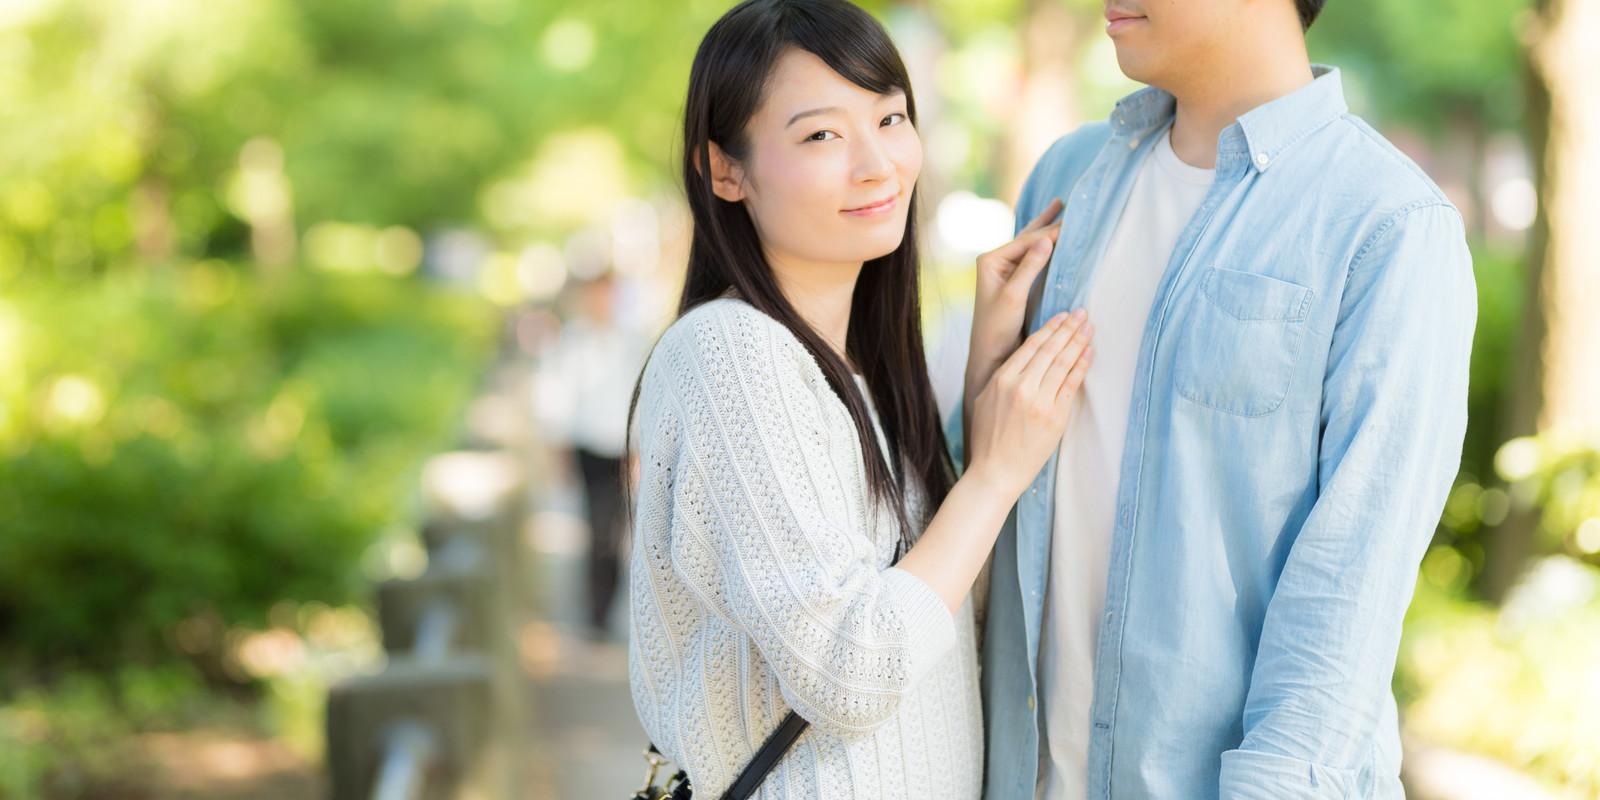 結婚相談所の会員はどんな人?効率良く婚活をしたい方にこそおすすめです!